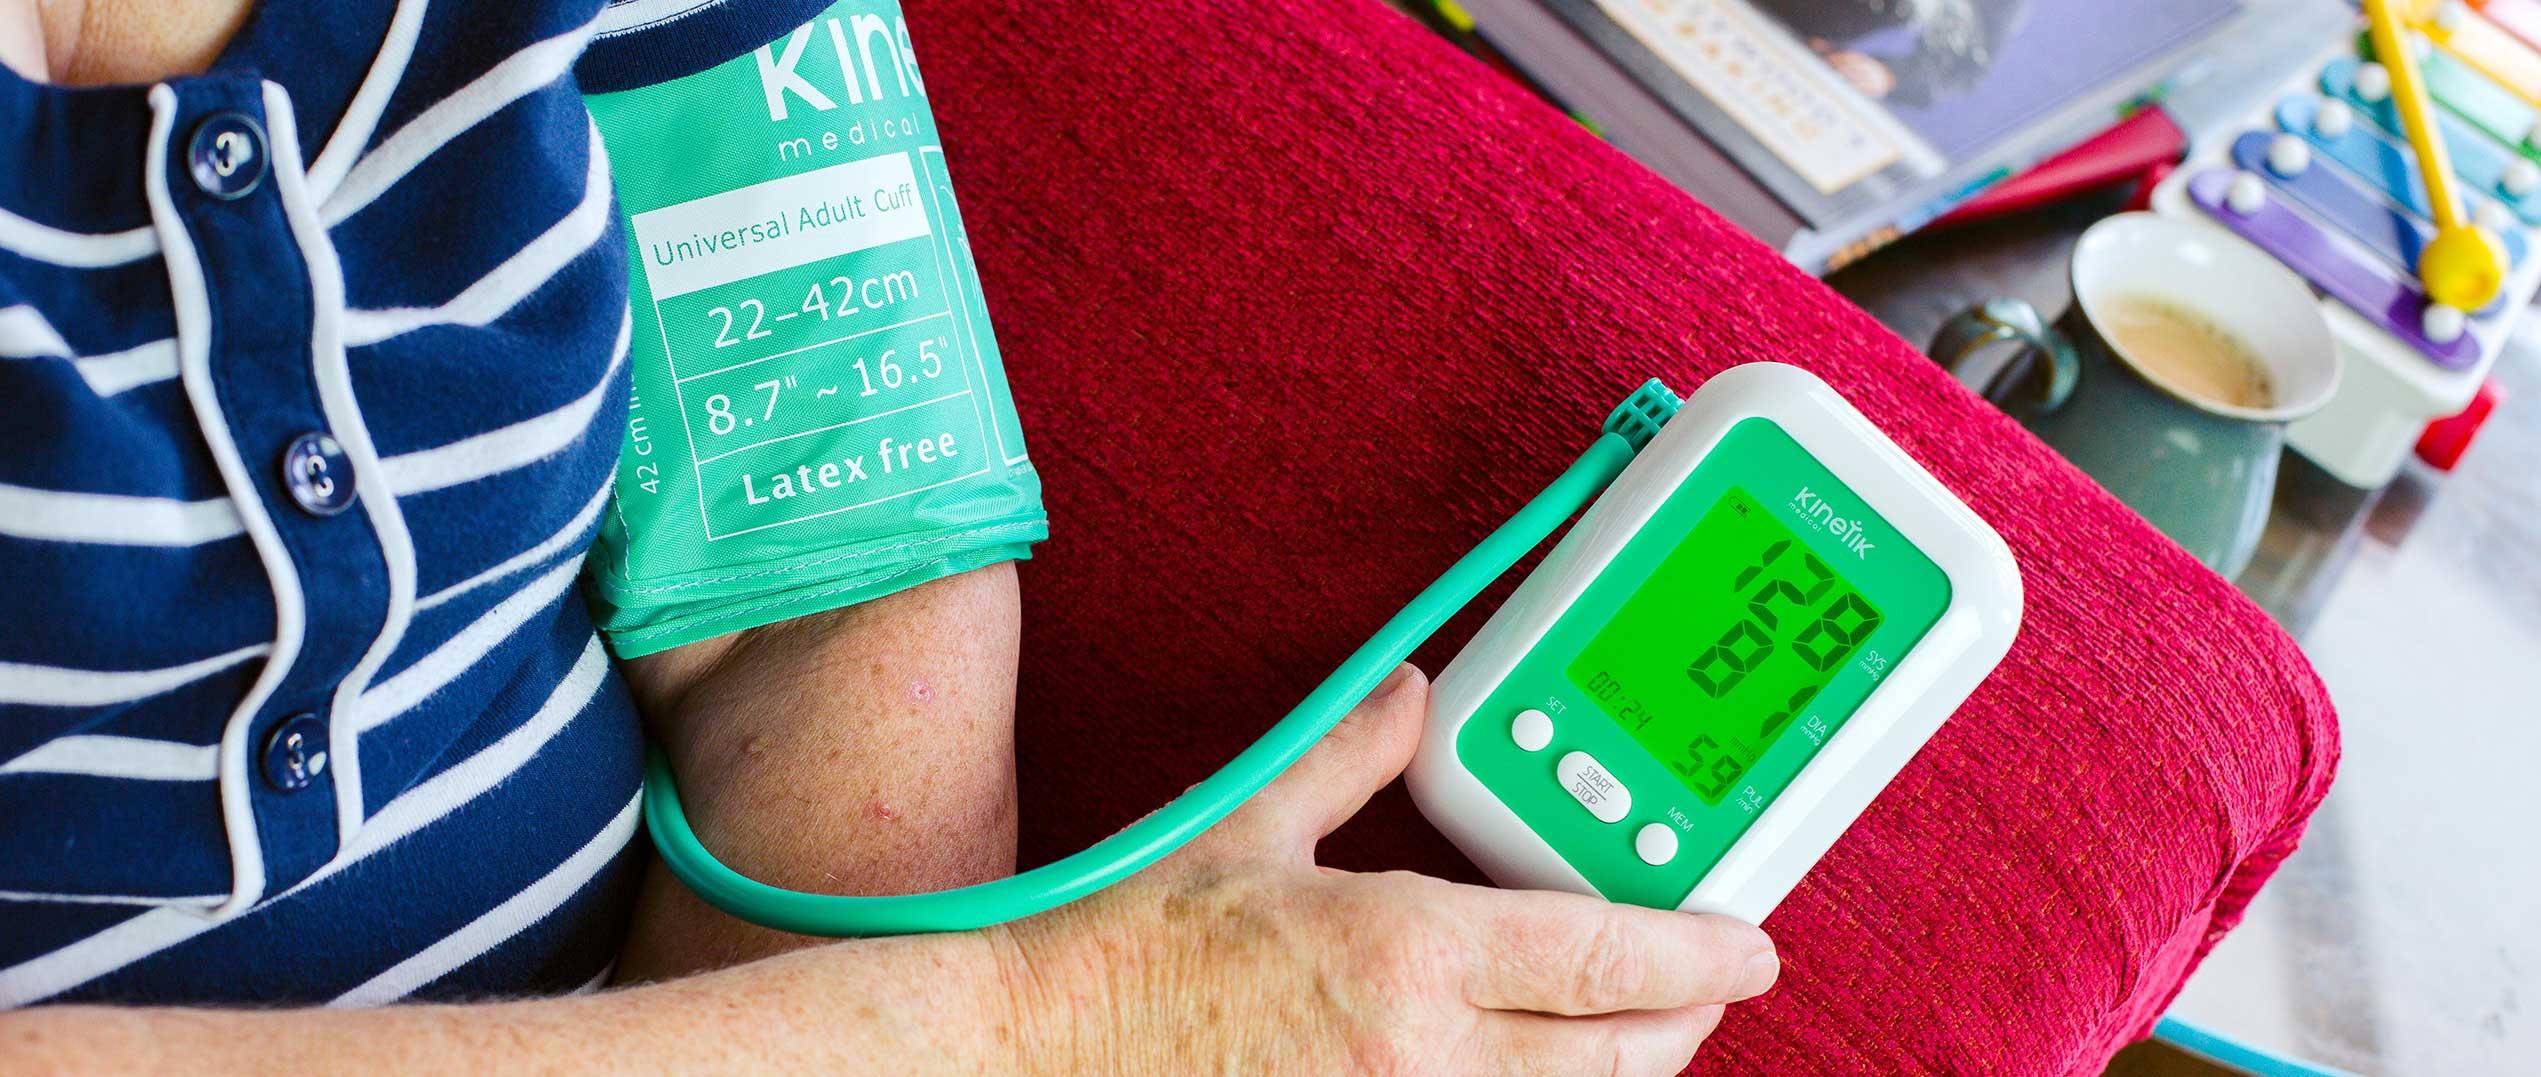 hipertóniával járó megfázást kezelni